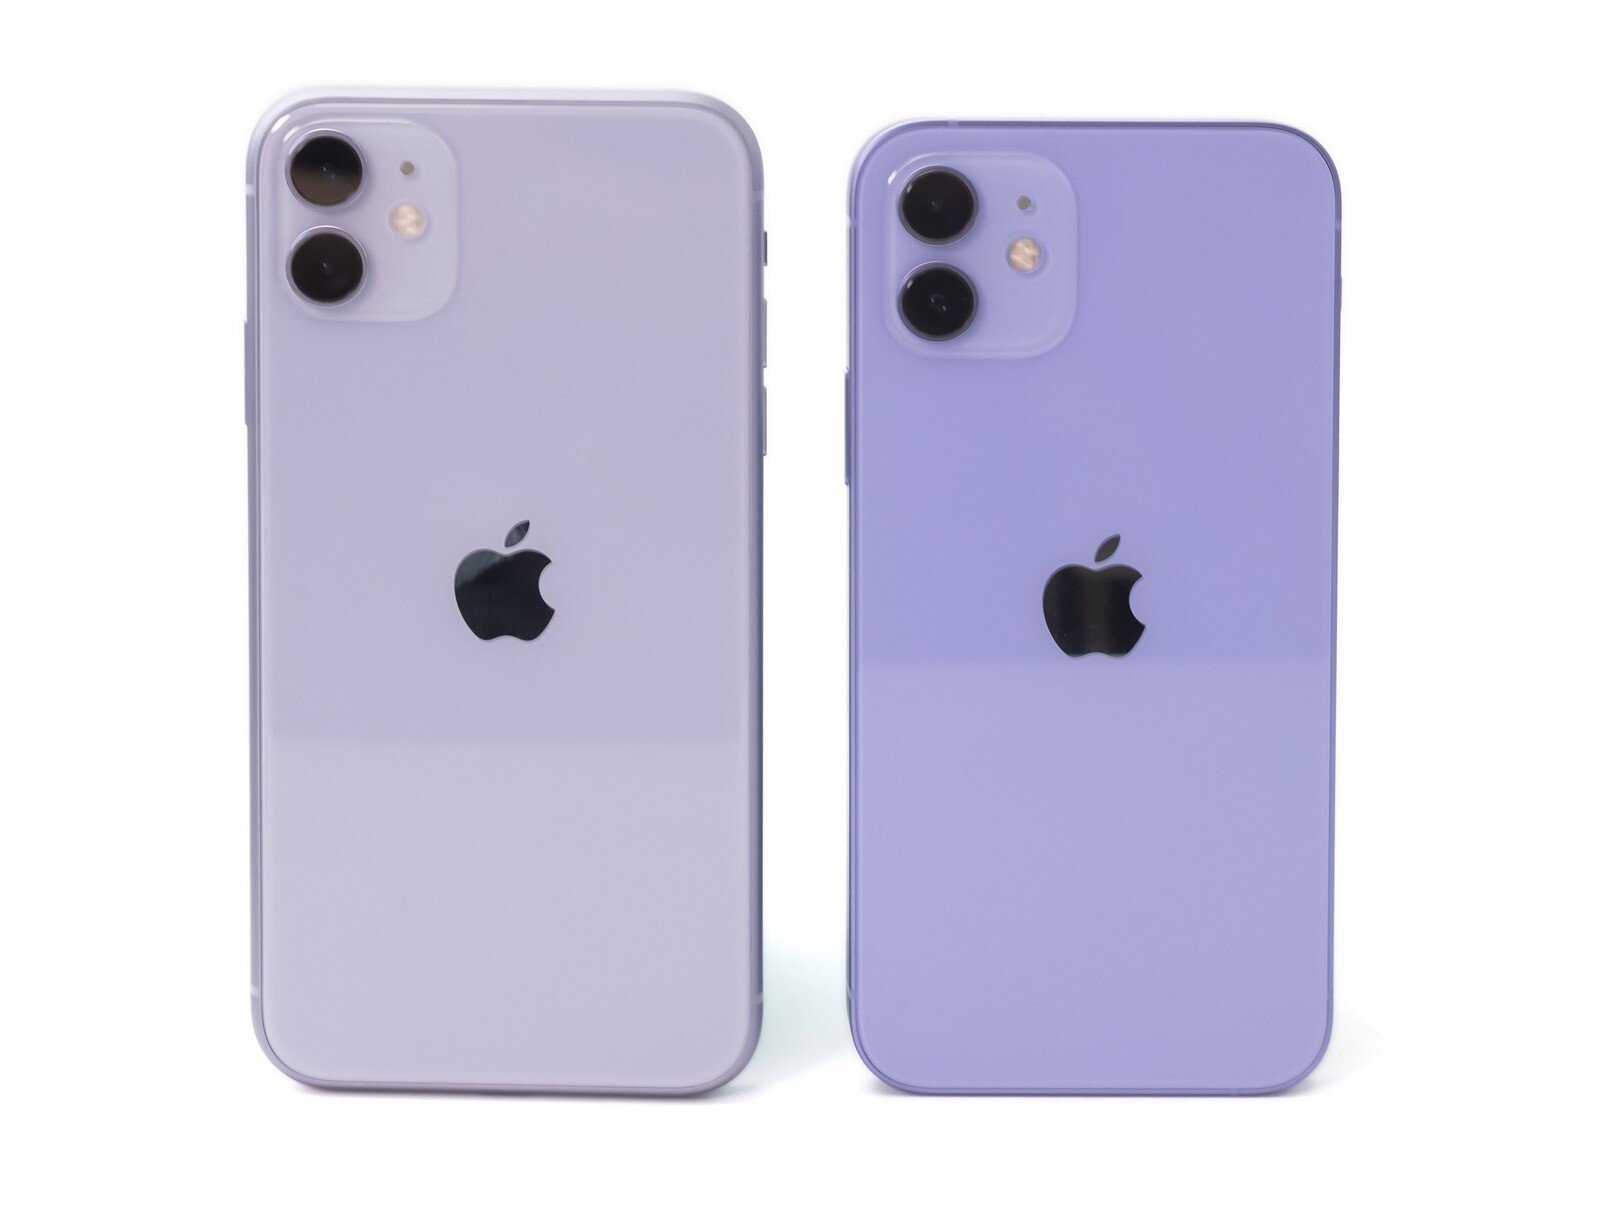 蘋果全新紫色配色報到!iPhone 12 紫色實機開箱動手玩!還有與 iPhone 11 紫比對 @3C 達人廖阿輝